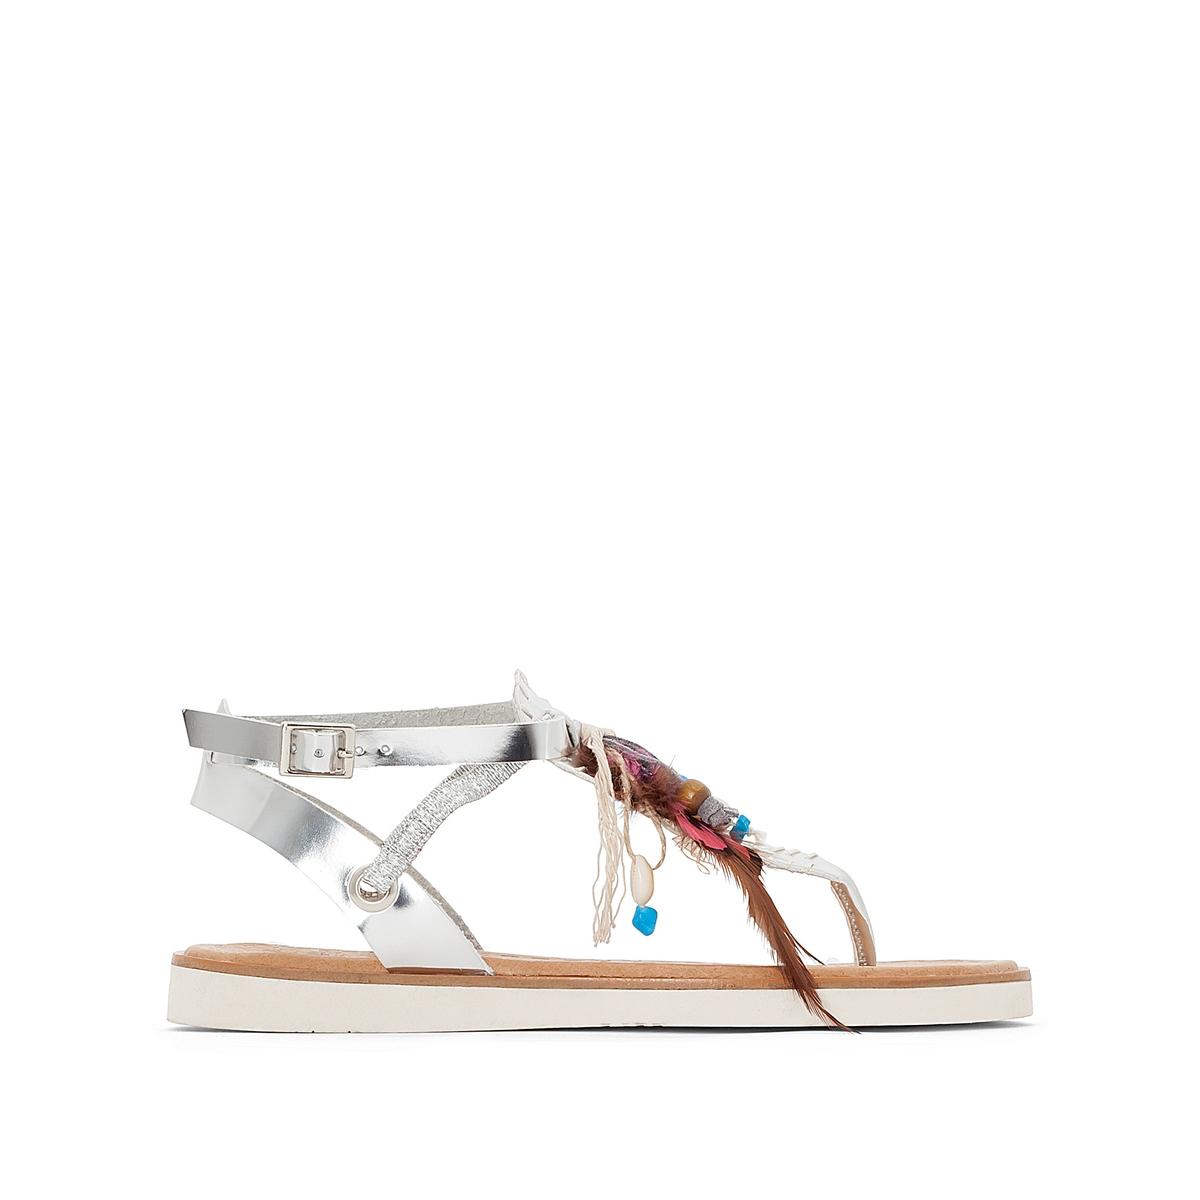 Босоножки HonoluluВерх/Голенище : синтетика Стелька : кожа  Подошва : каучук   Форма каблука : плоский каблук  Мысок : закругленный мысок  Застежка : пряжка<br><br>Цвет: каштановый,серебристый,черный